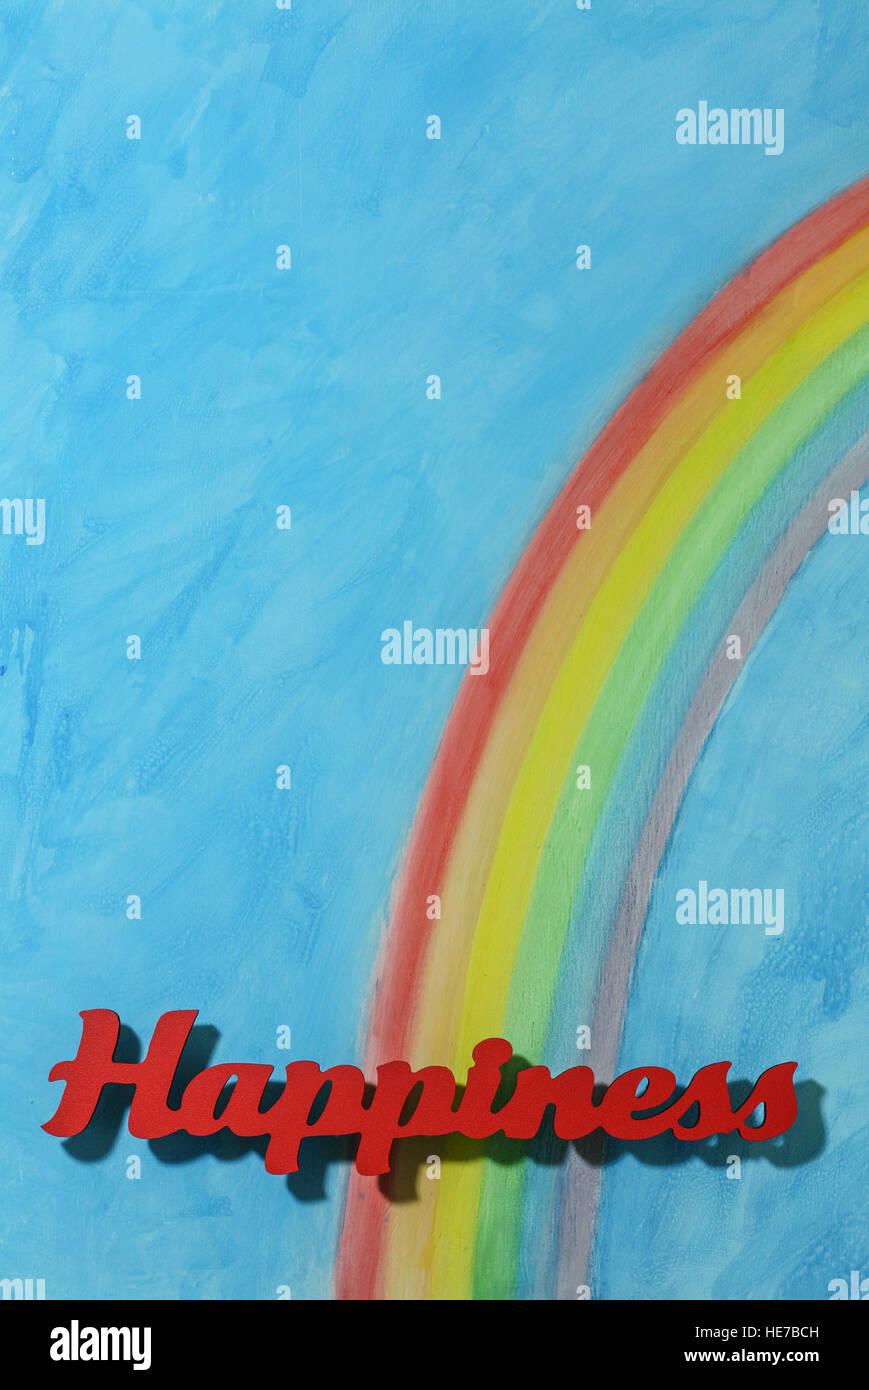 Letras rojas la ortografía de la palabra felicidad para ilustrar el concepto de alegría, feliz, el amor Imagen De Stock